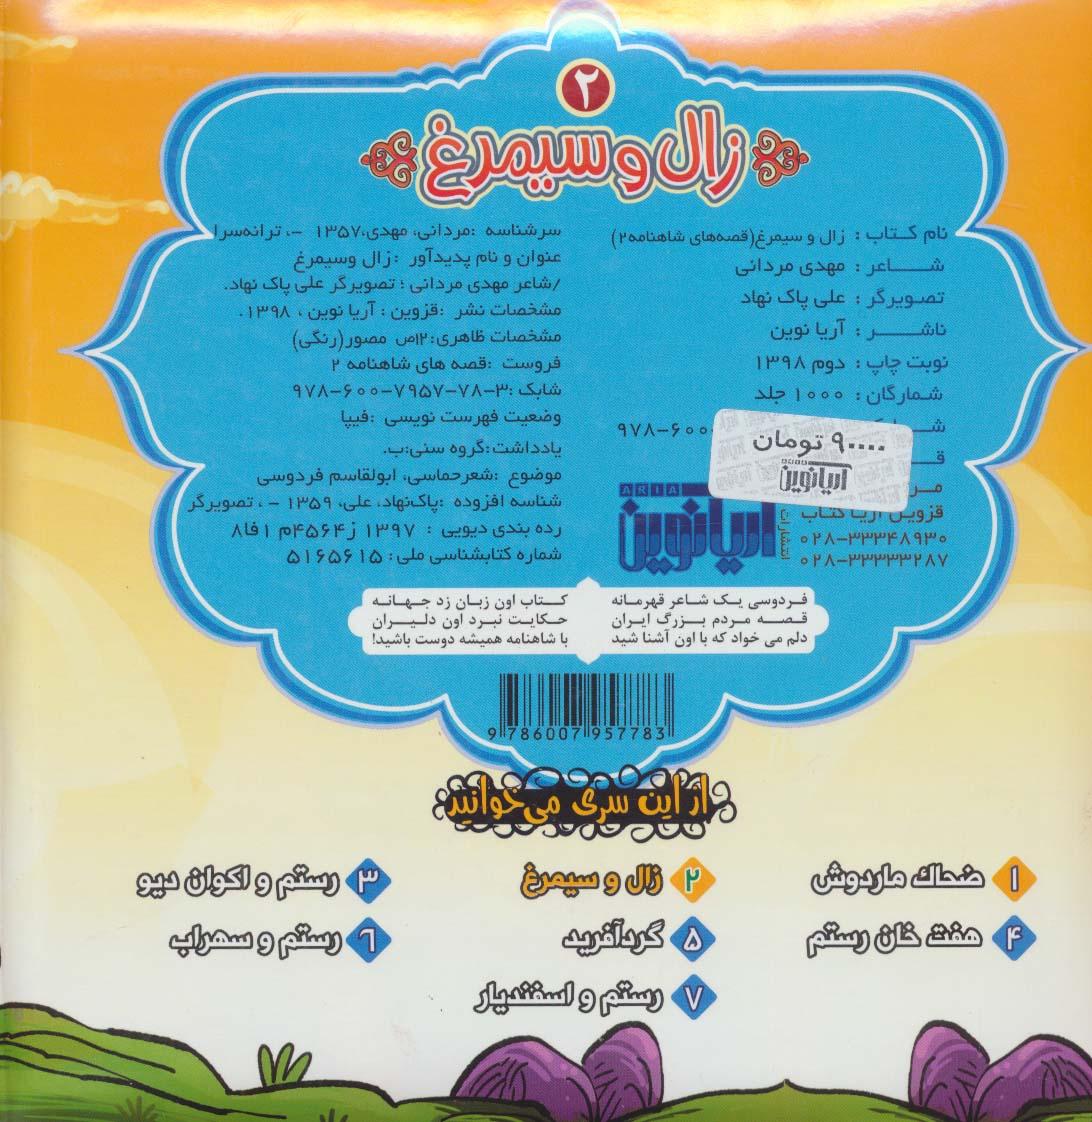 قصه های شاهنامه 2 (کتاب پازل زال و سیمرغ)،(گلاسه)